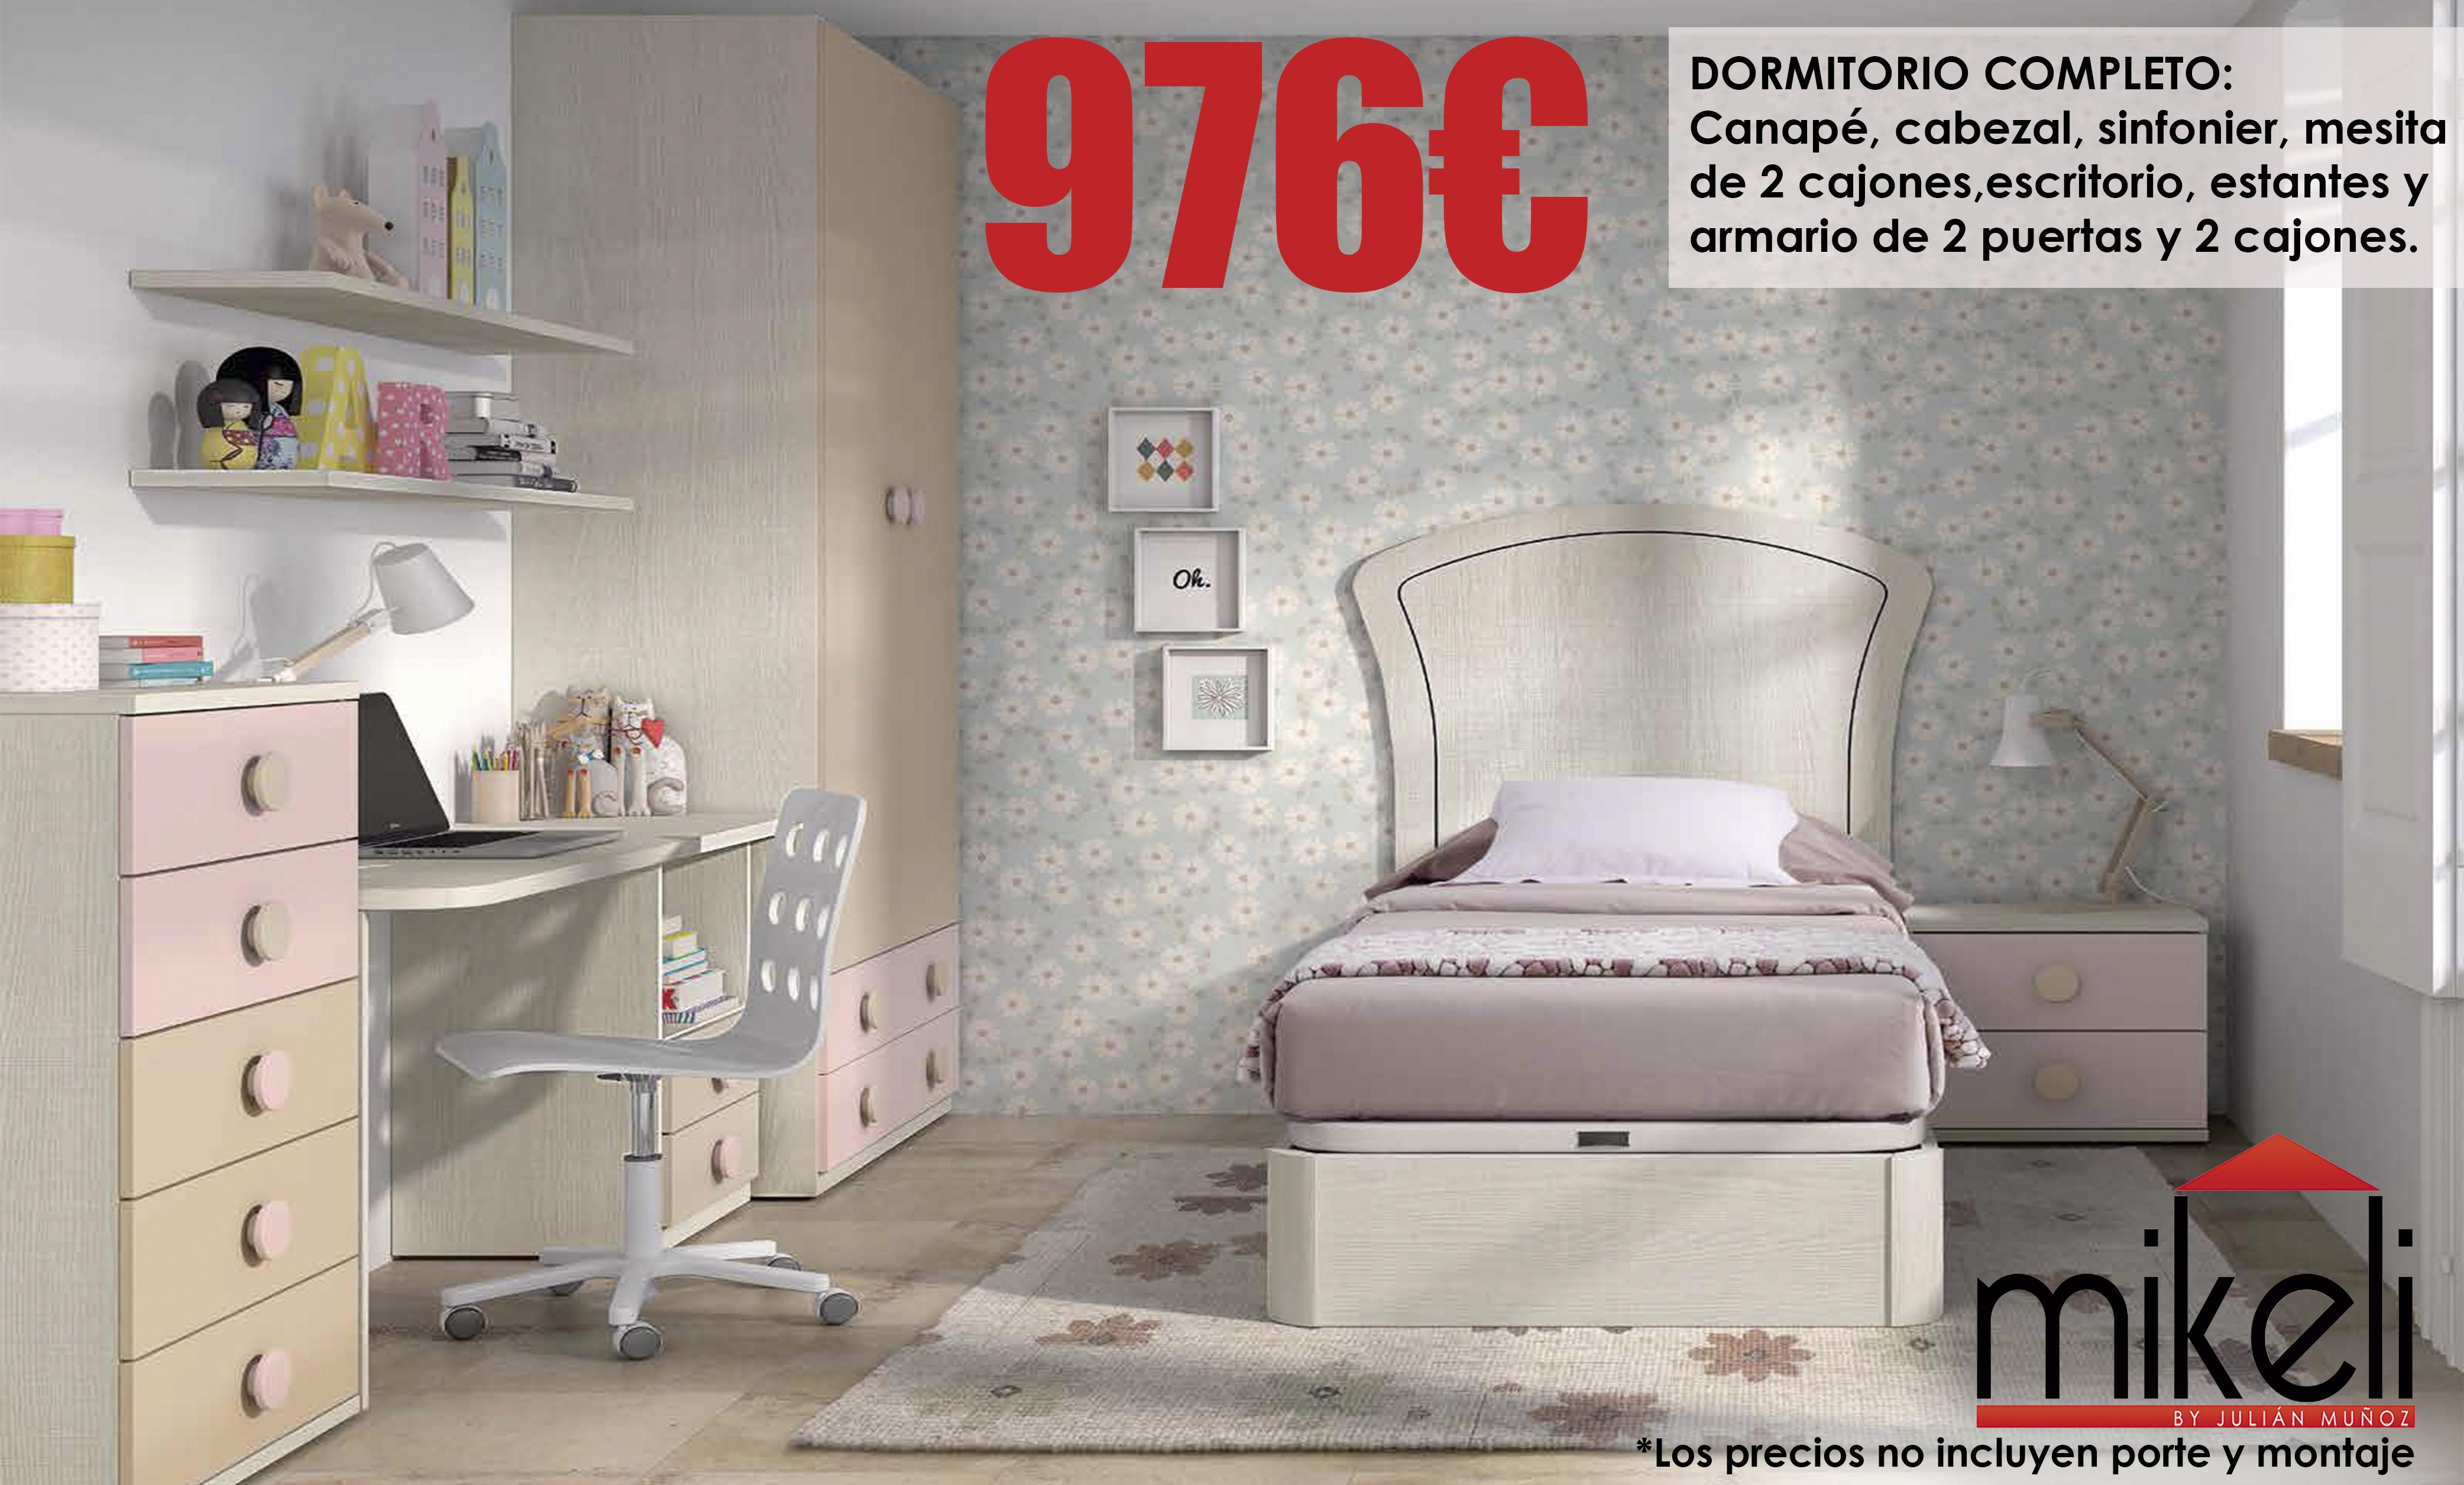 City 32 Mikeli Tu Tienda De Muebles A Precios Incre Bles En Ceuta # Tiendas Muebles Ceuta